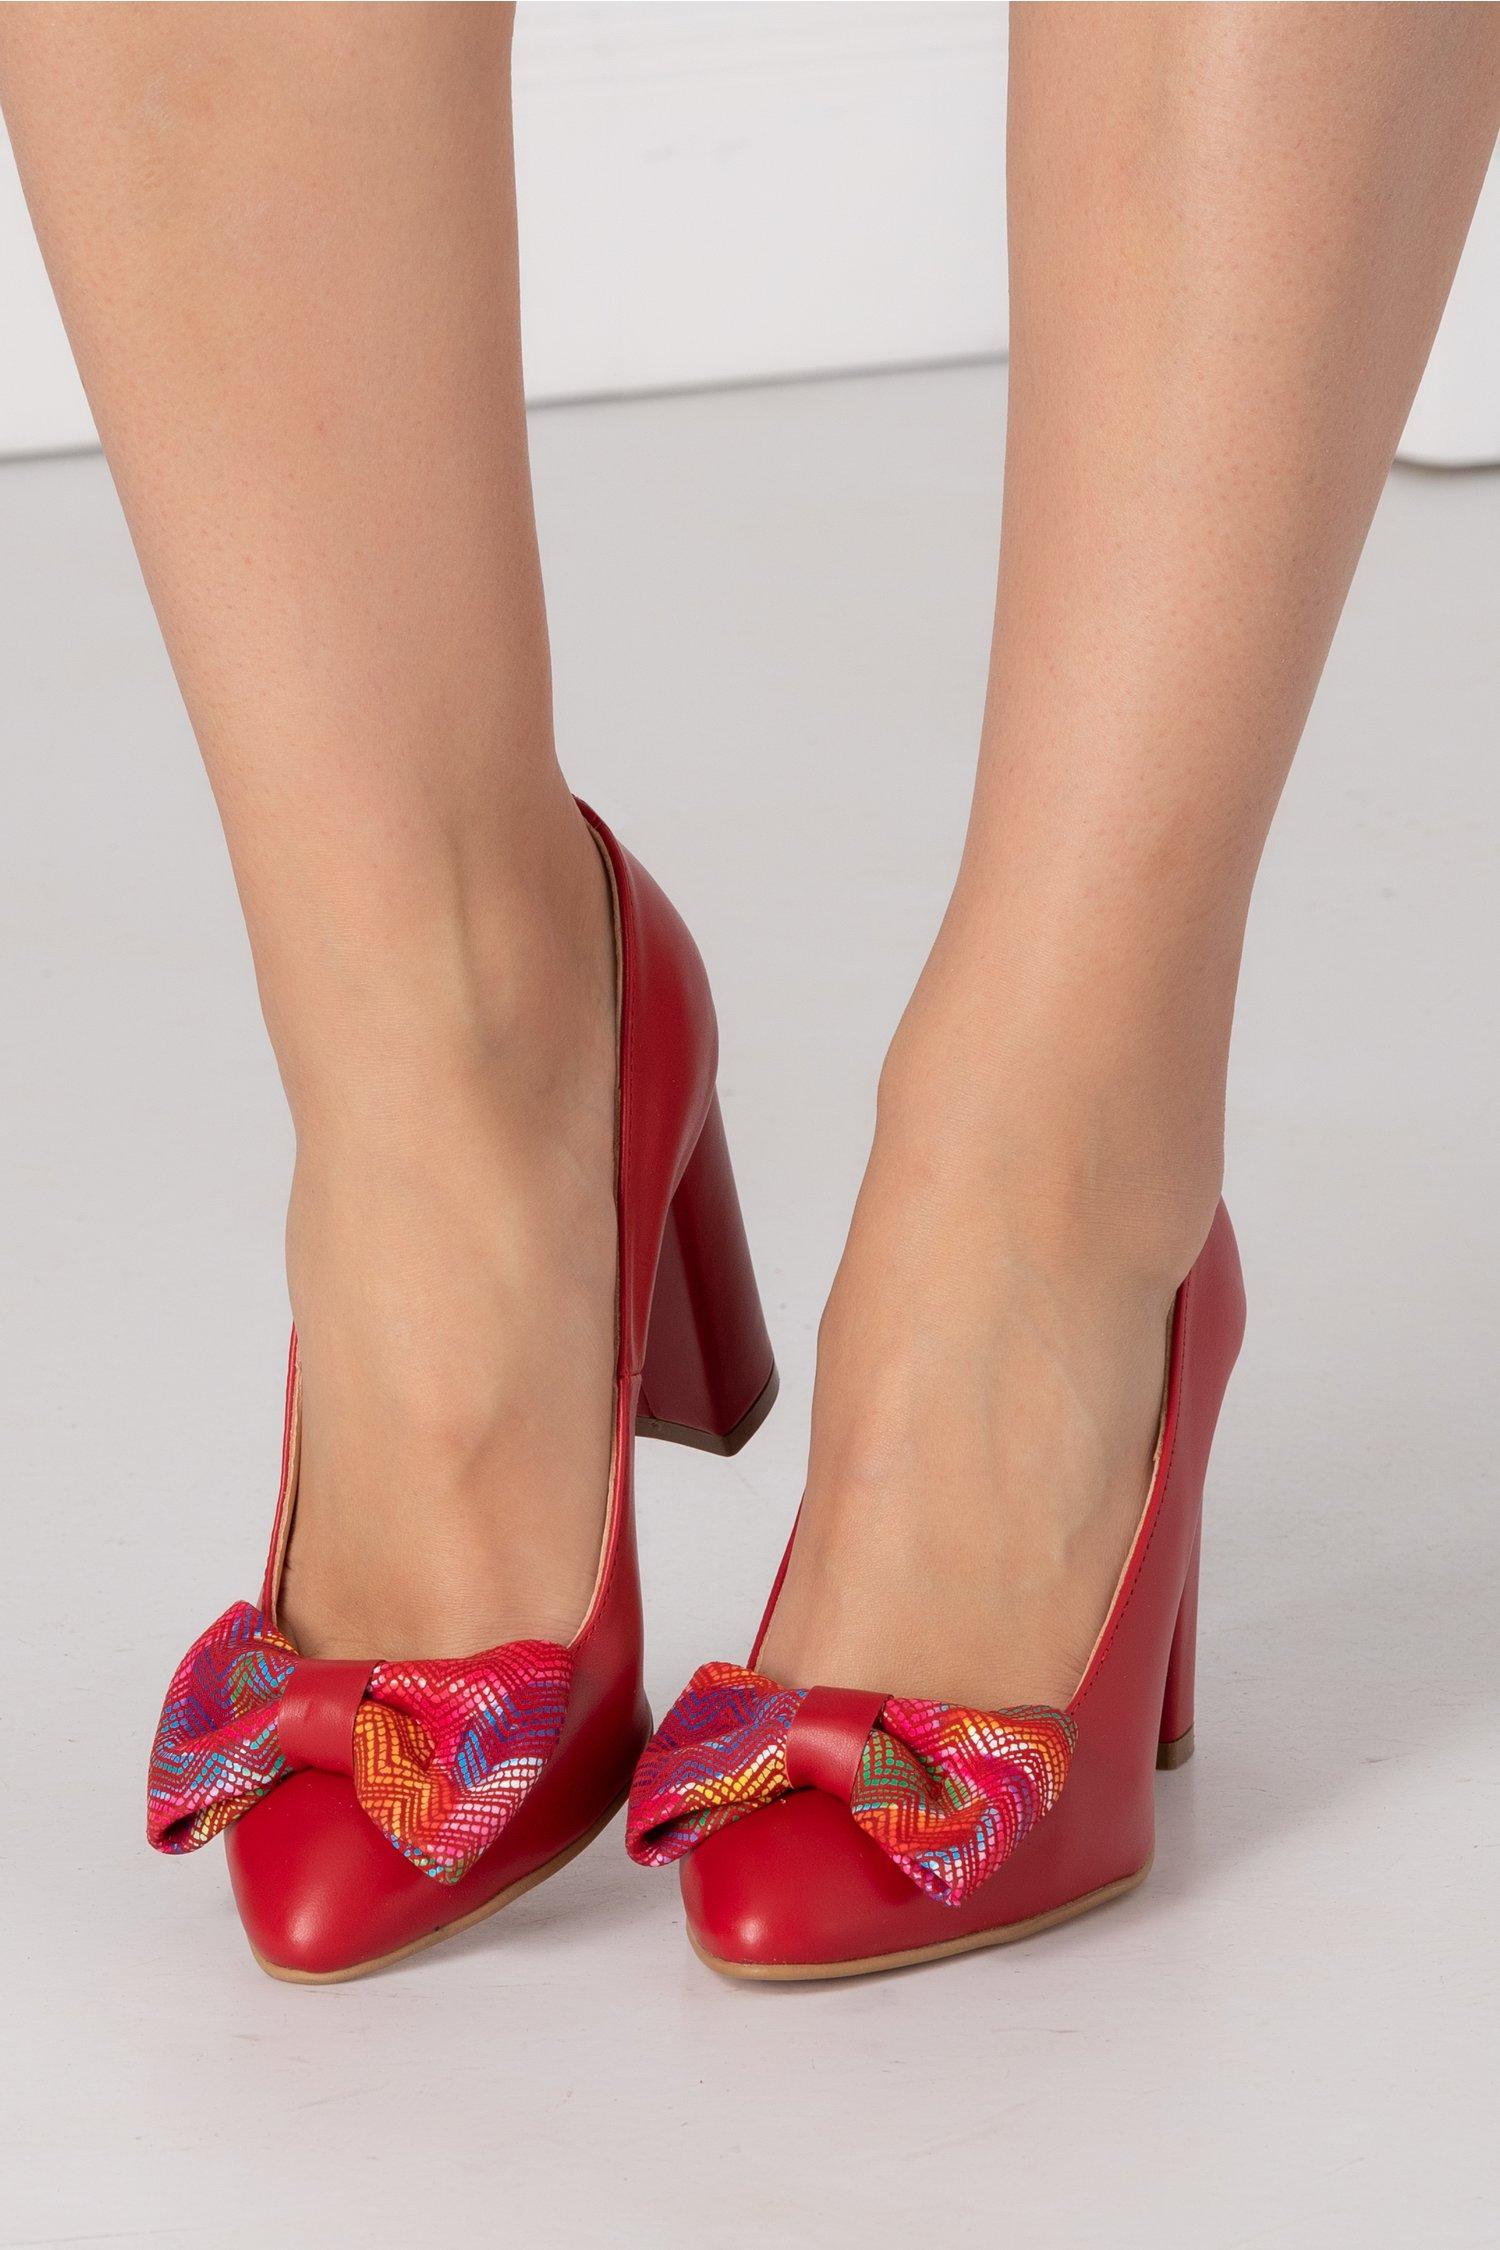 Pantofi Nelly rosu cu funda in fata